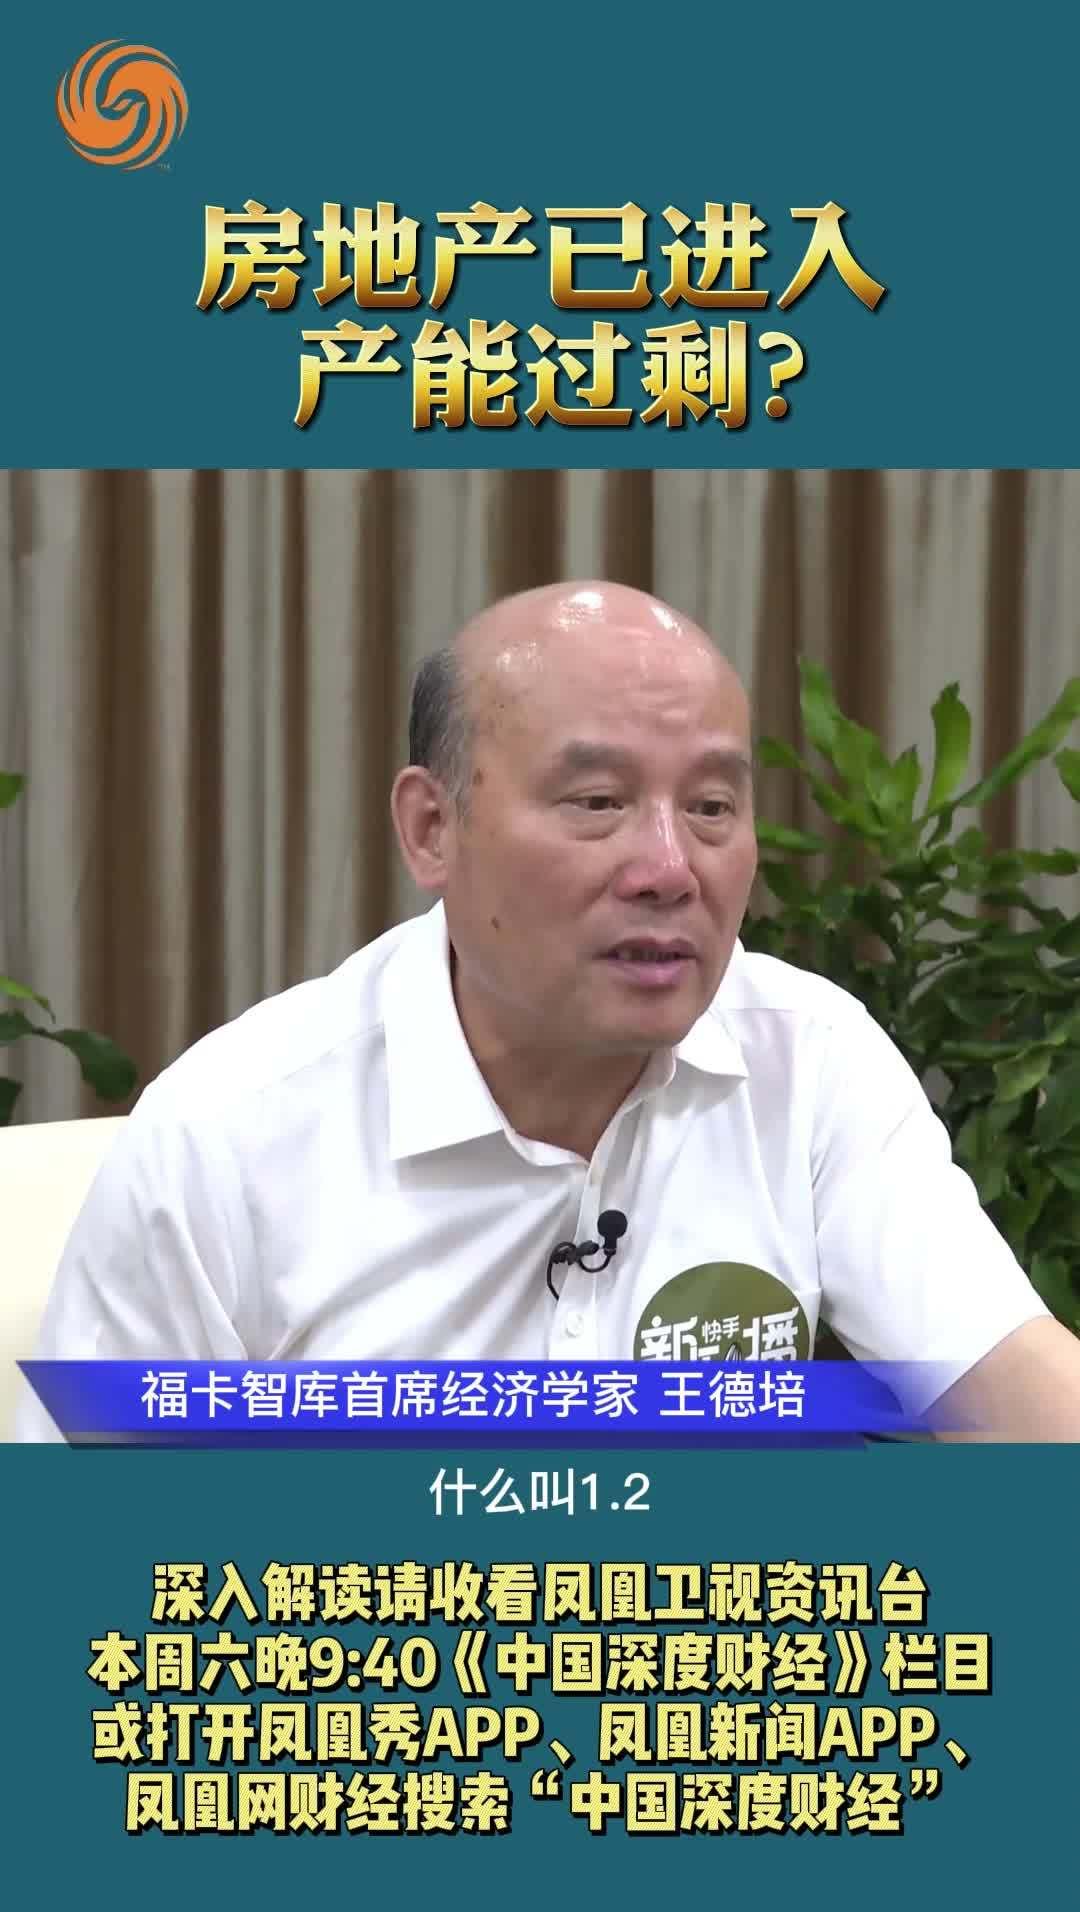 王德培:房地产已进入产能过剩?